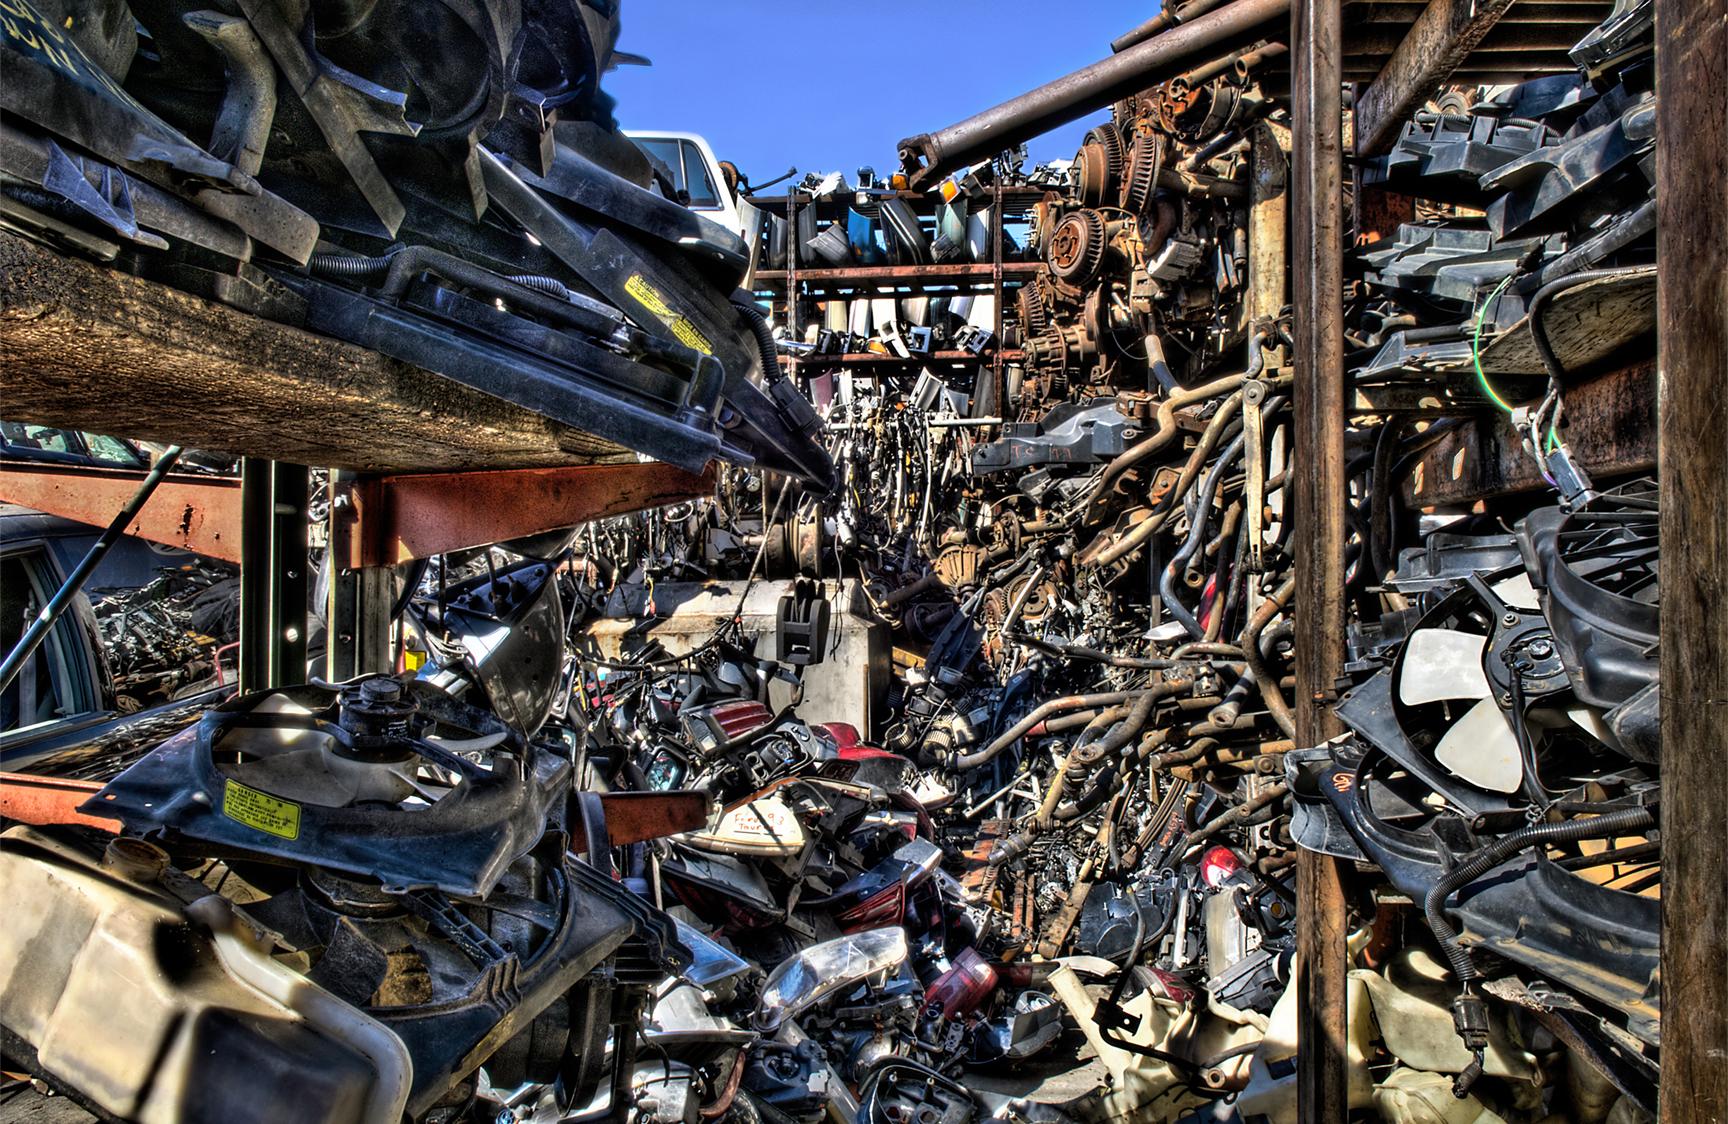 Mo's Junkyard Curse | Hemmings Daily  |Junk Yard